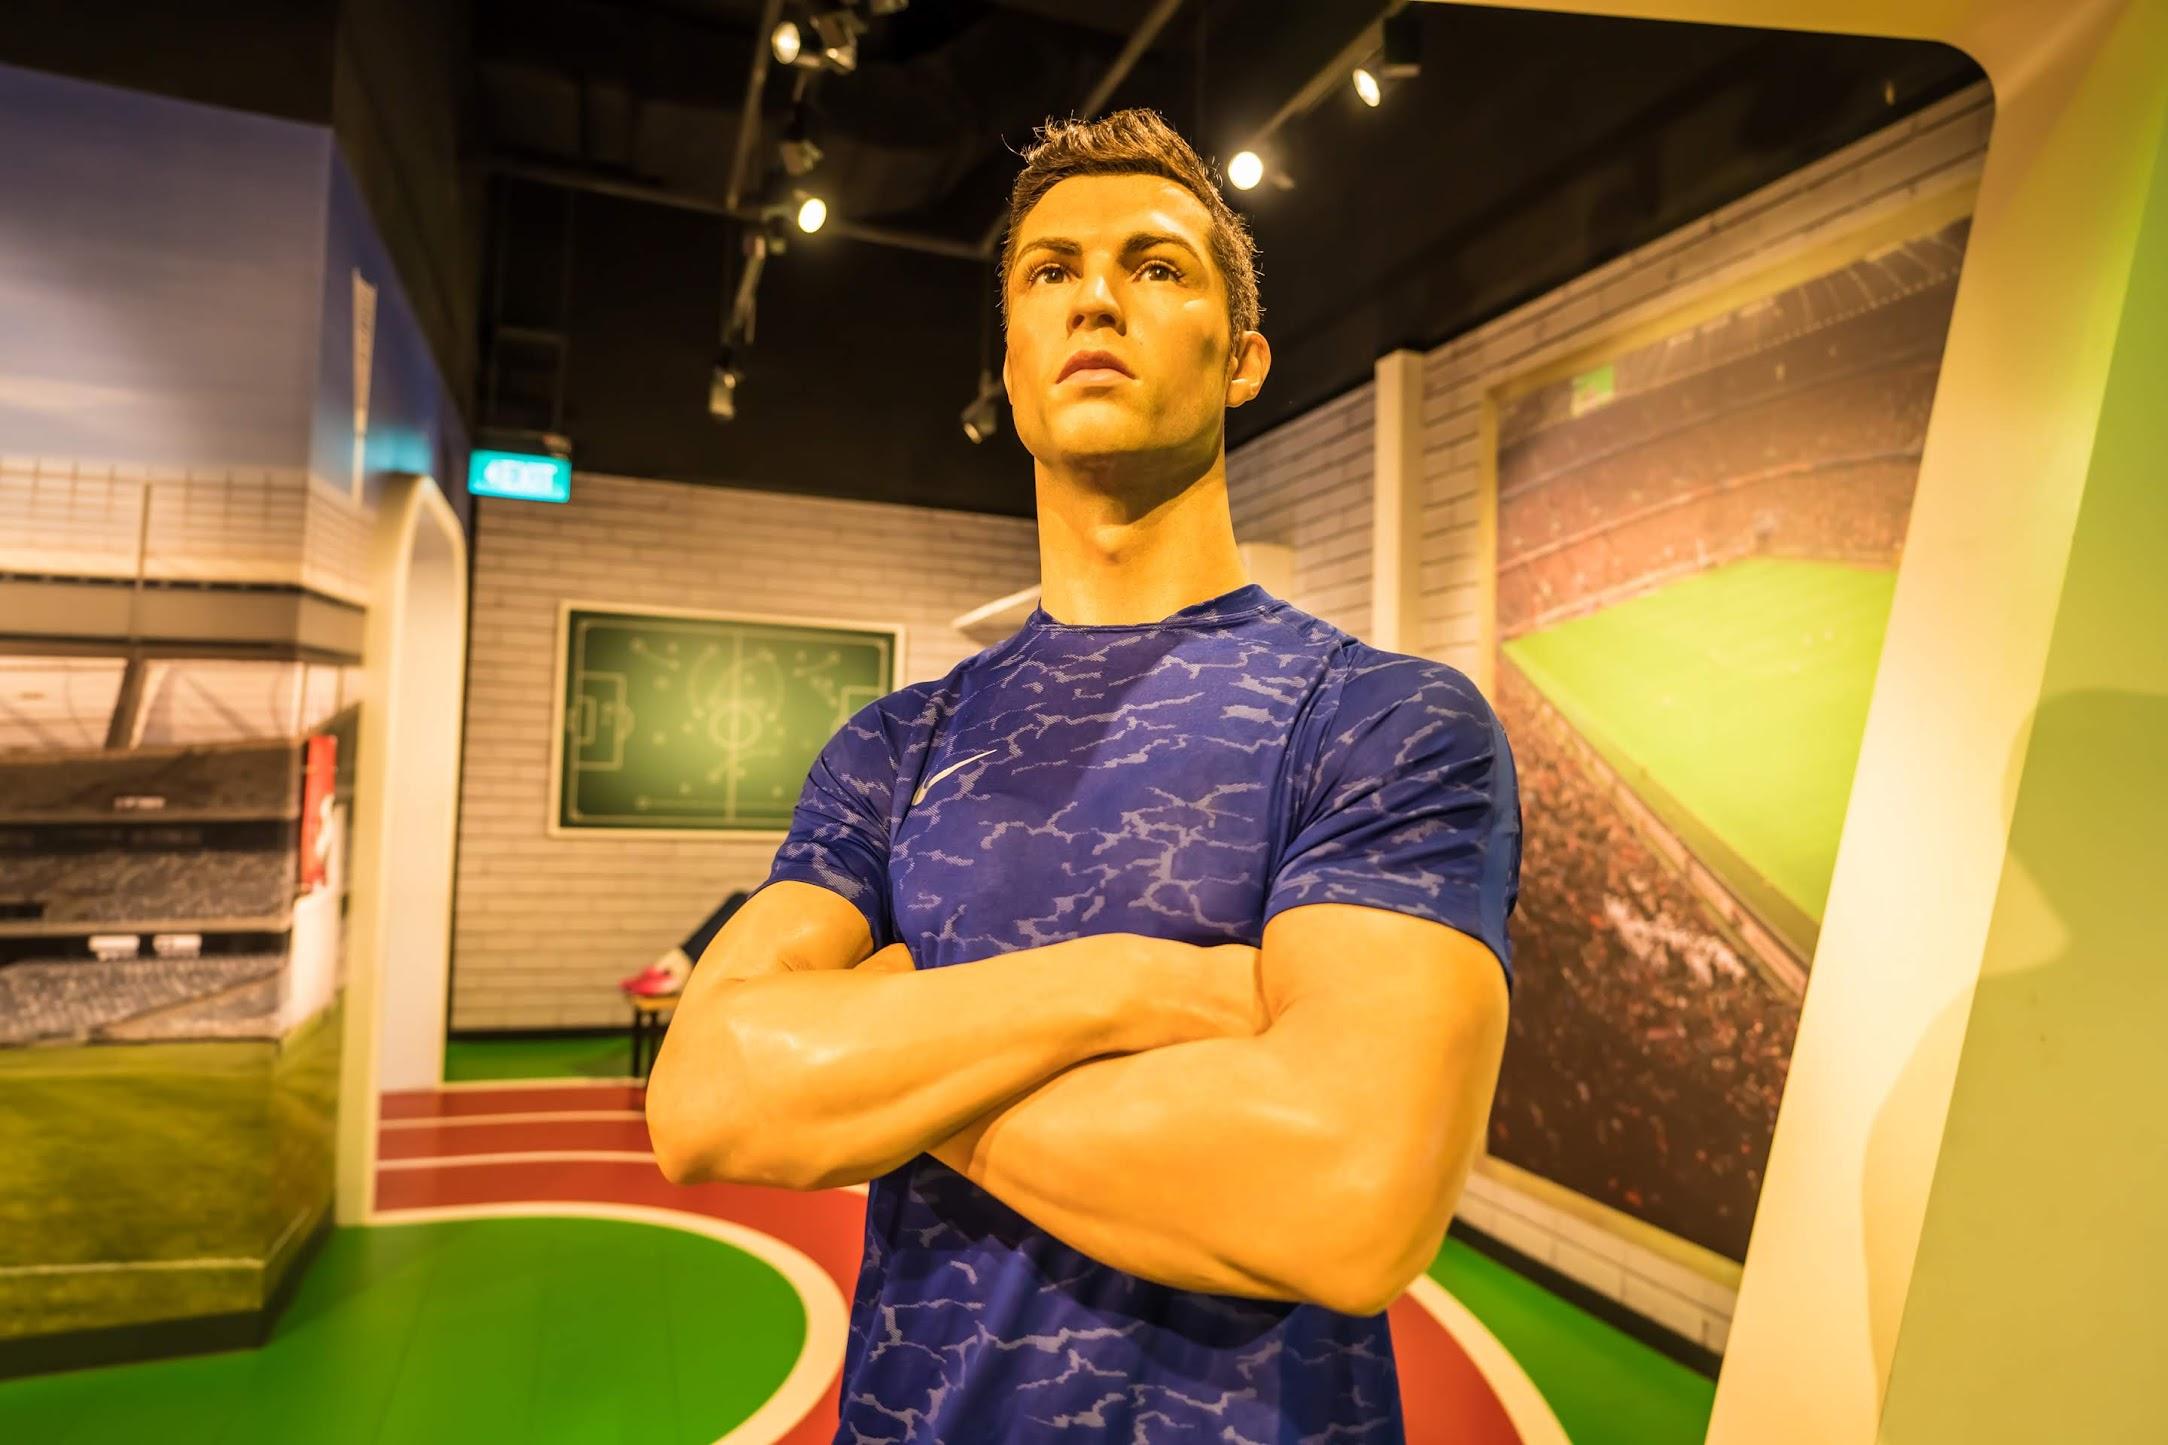 Singapore Sentosa Island Madame Tussauds Singapore Cristiano Ronaldo